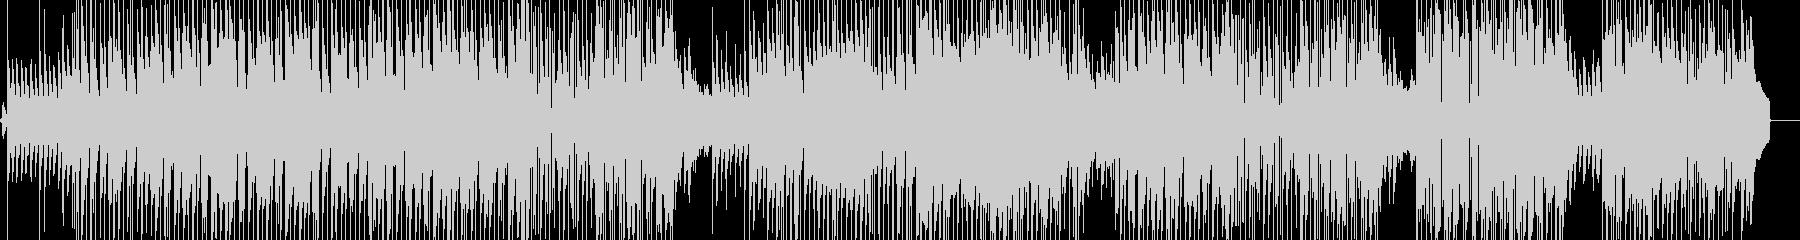 ほのぼの(*˘︶˘*)なポップスの未再生の波形